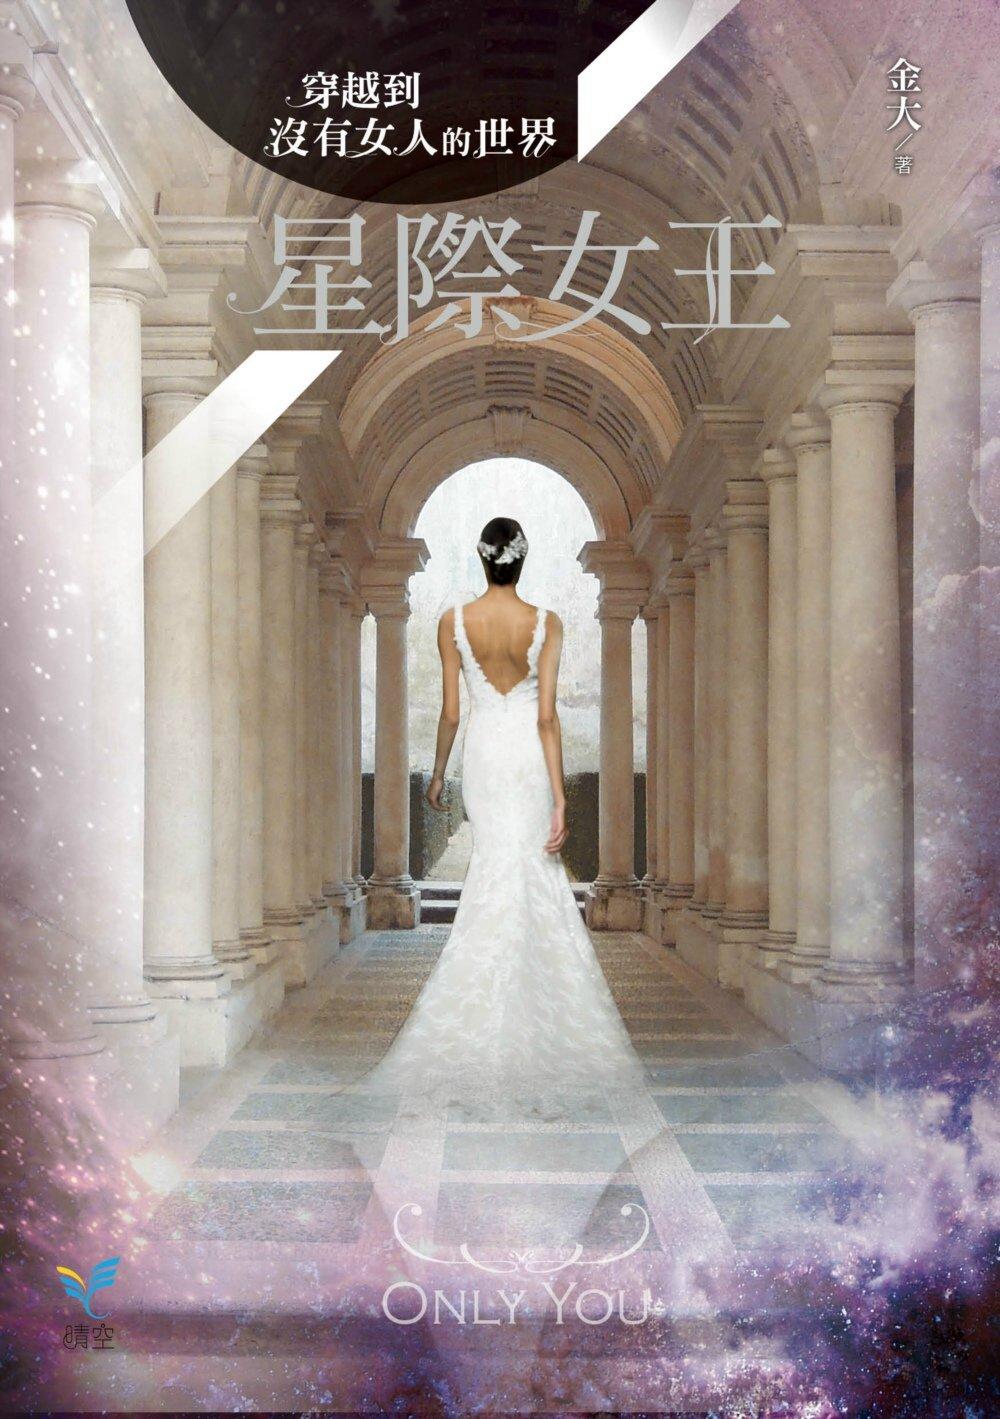 穿越到沒有女人的世界2:星際女王(隨書加贈:「誰說女人來自金星」留言明信片)